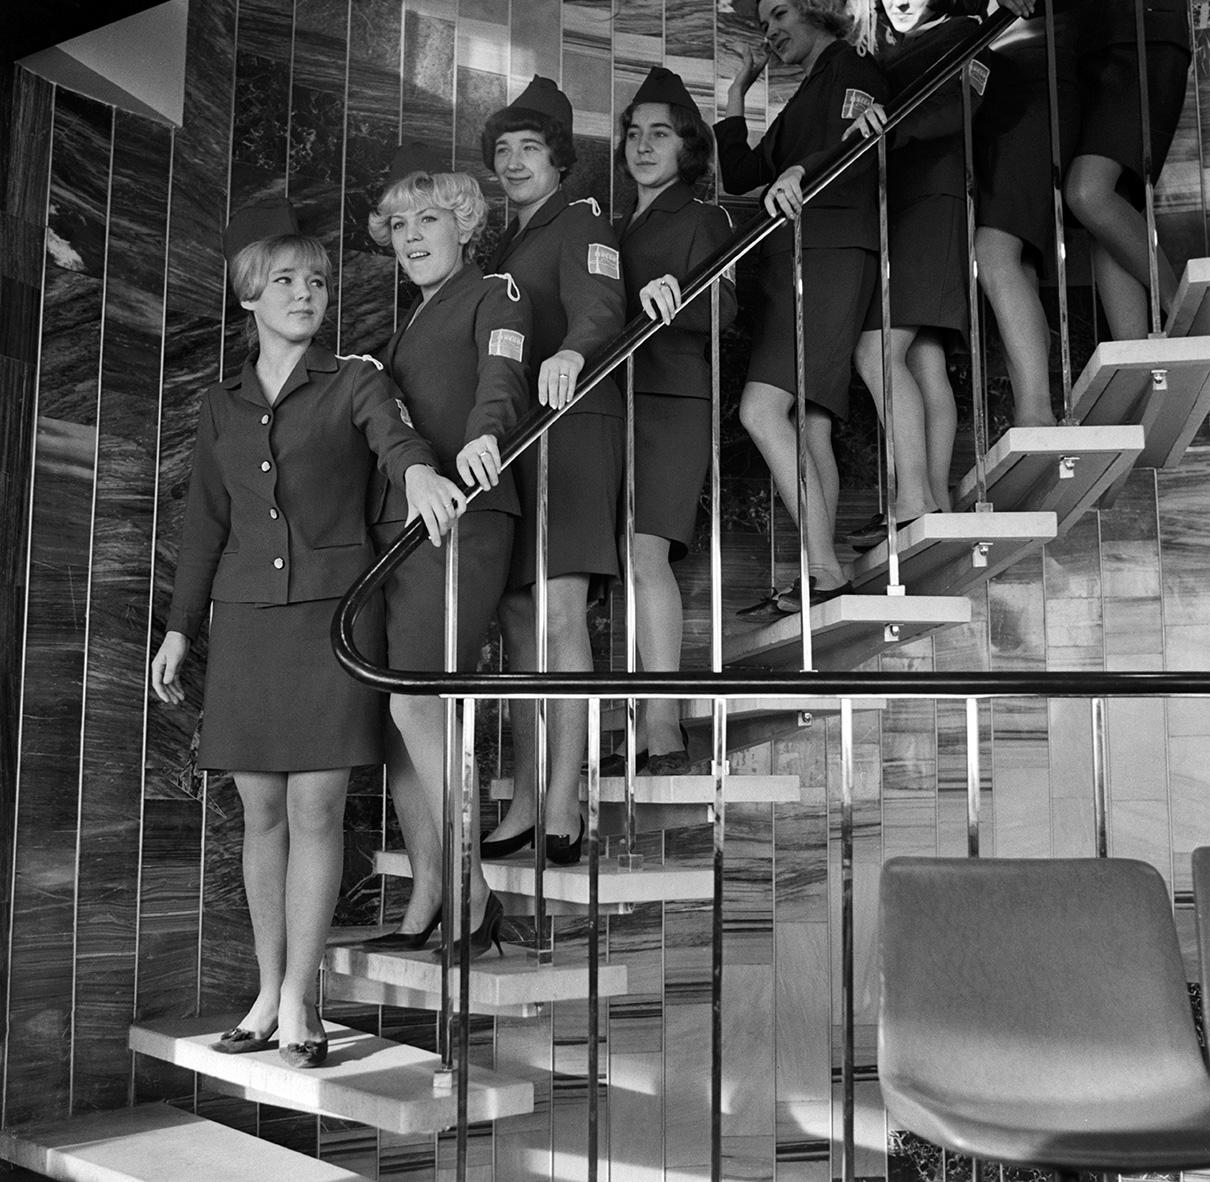 Строительные работы на башне продолжались до 26 декабря 1968 года, когда была закончена отделка на трех уровнях ресторана «Седьмое небо». Тогда на башню поднялись первые посетители. Итоговая высота башни составила 540м вместе с флагштоком